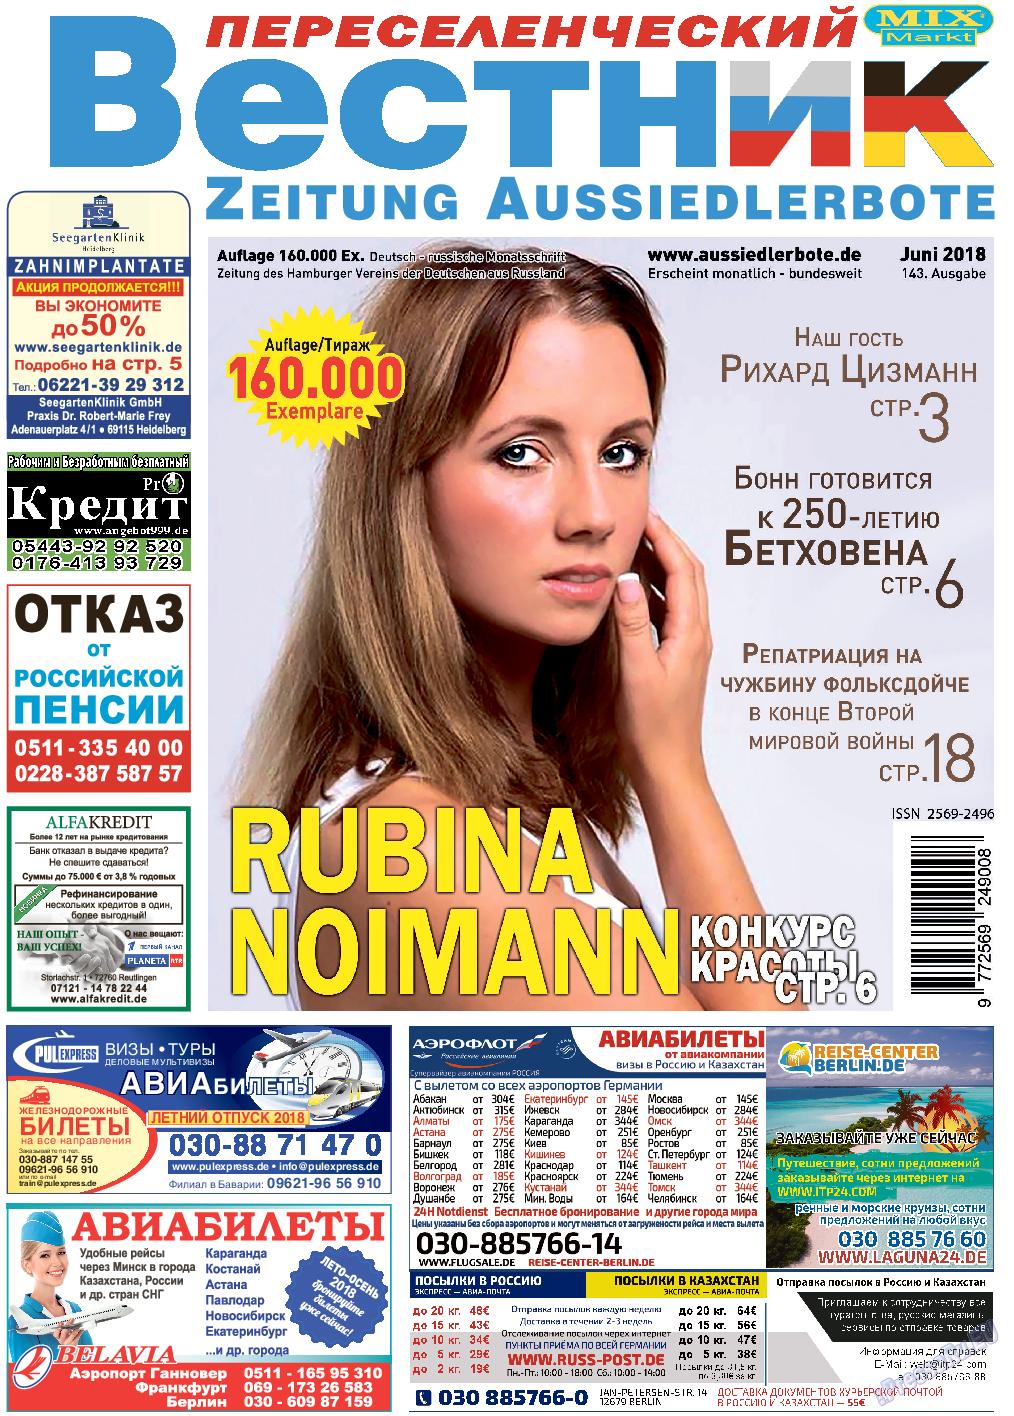 Переселенческий вестник (газета). 2018 год, номер 6, стр. 1